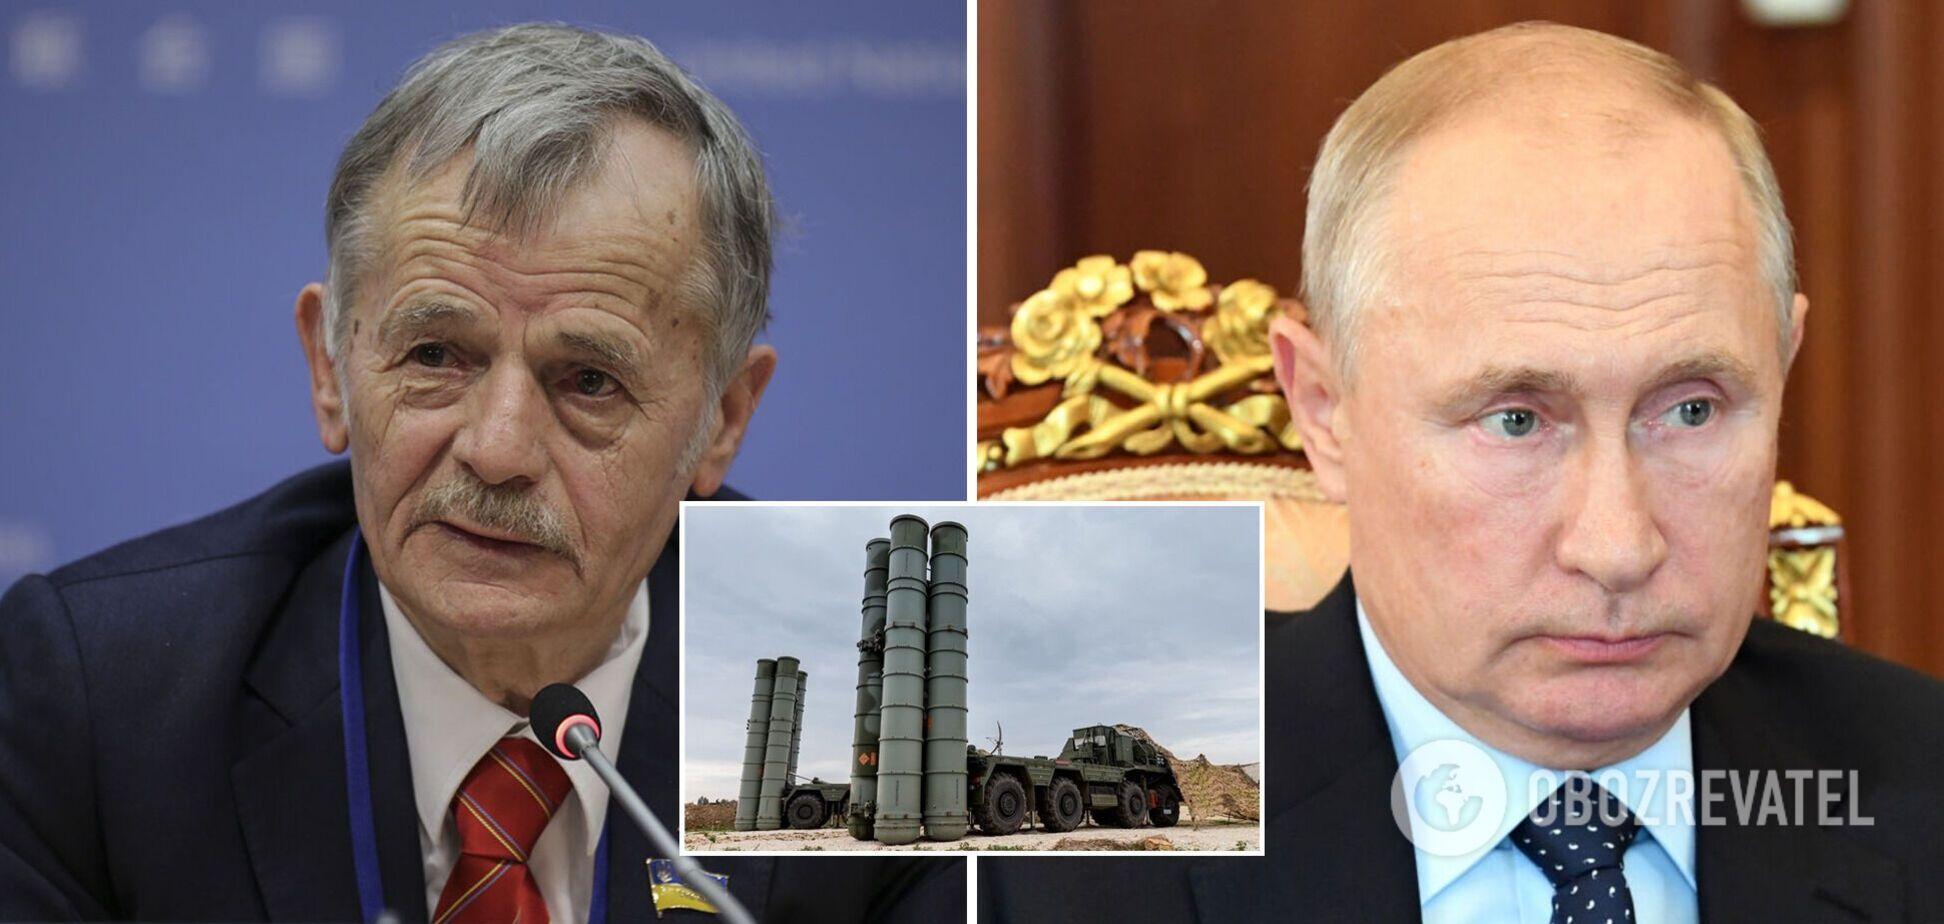 Лідер кримських татар Мустафа Джемілєв і президент РФ Володимир Путін